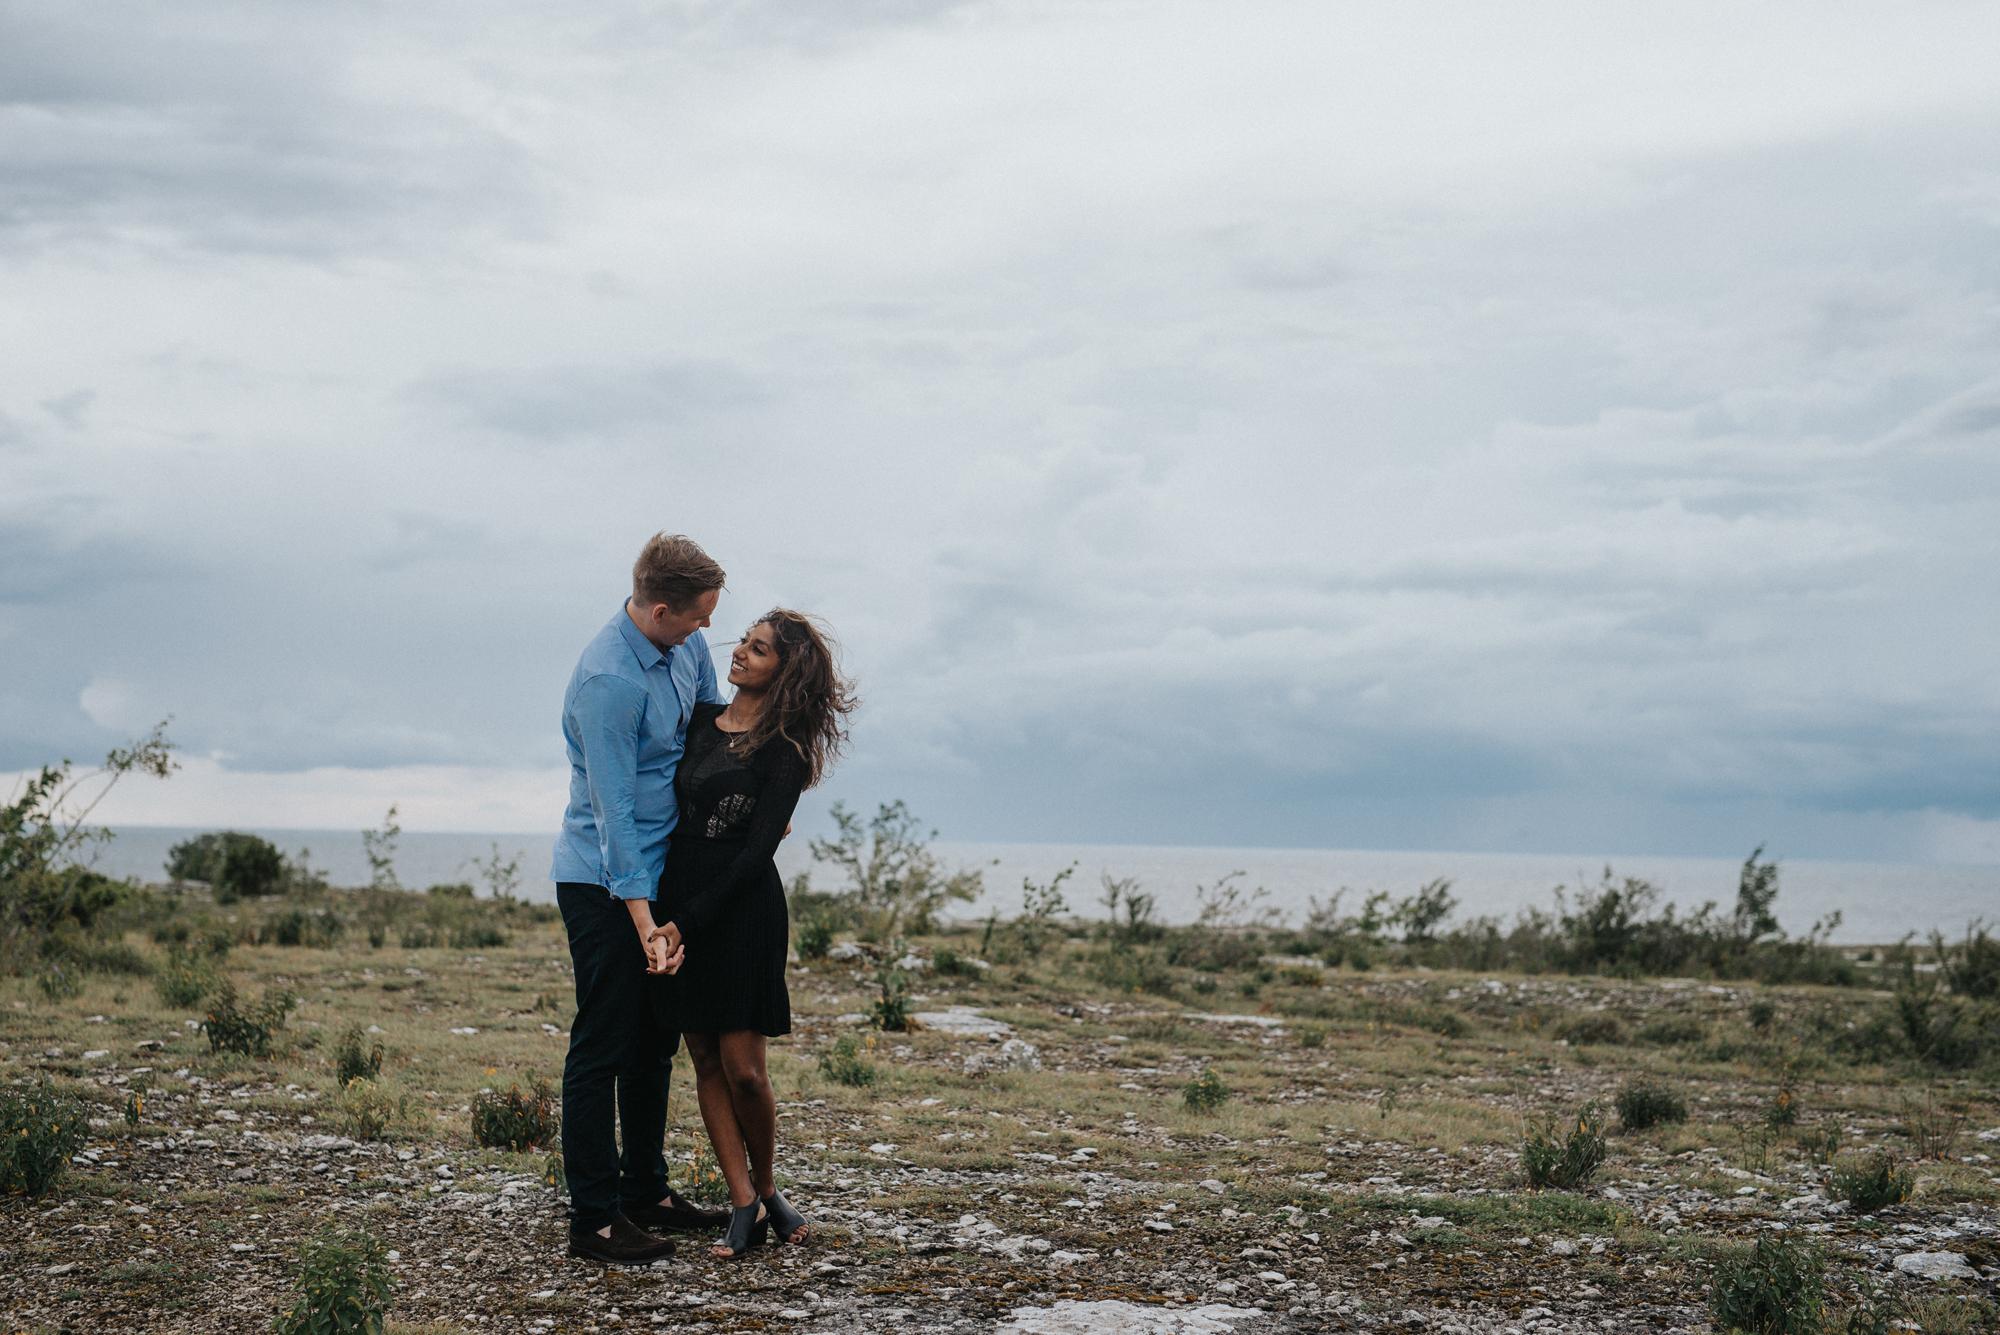 035-kärleksfotografering-gotland-neas-fotografi.jpg